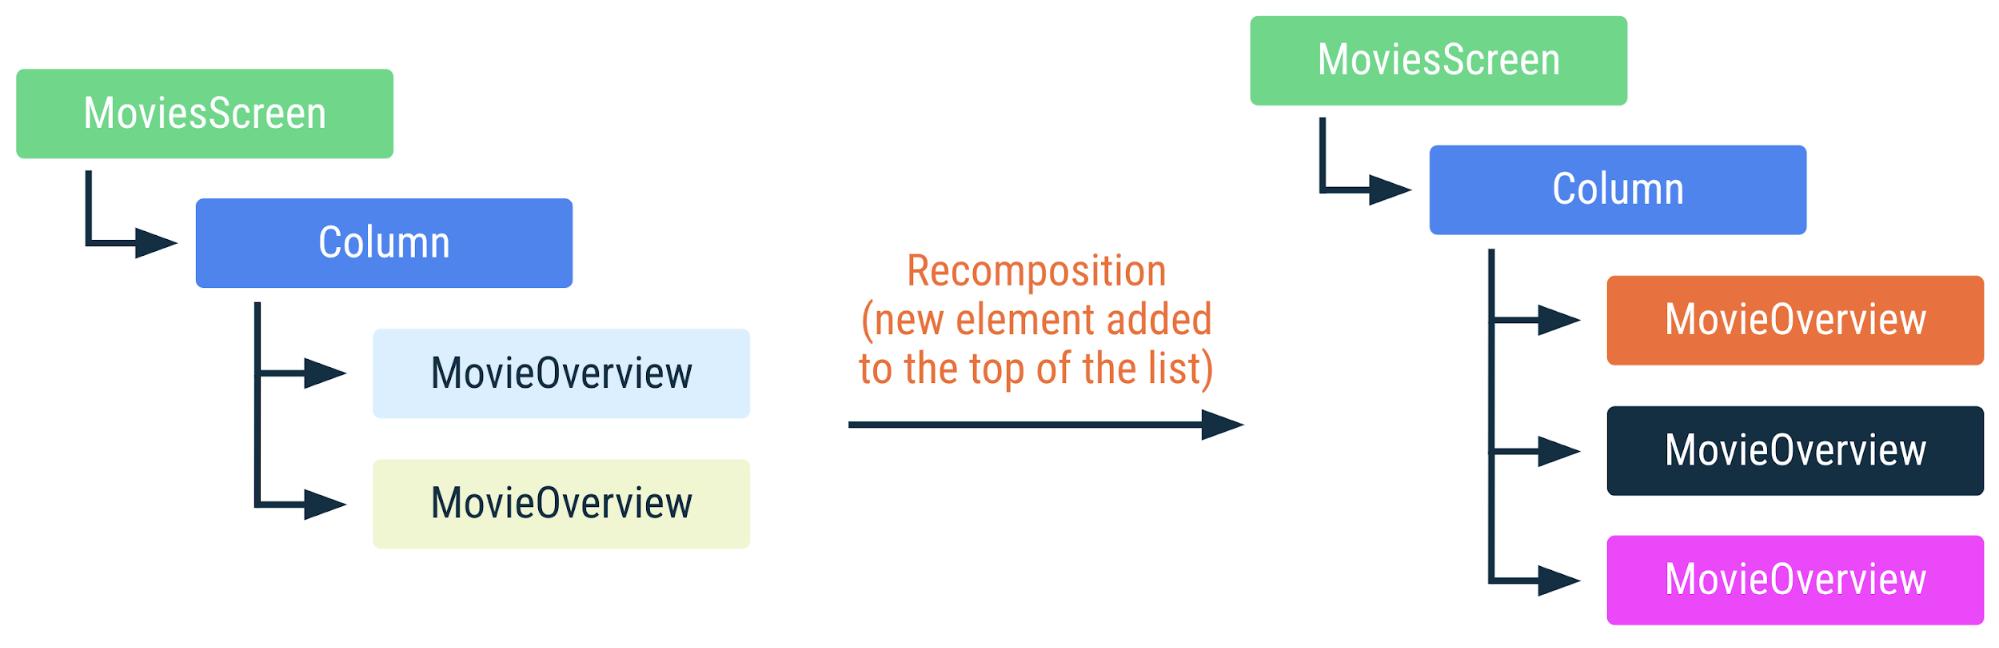 Diagrama que muestra cómo se recompone el código anterior si se agrega un elemento nuevo a la parte superior de la lista. Todos los demás elementos de la lista cambian de posición y deben volver a componerse.